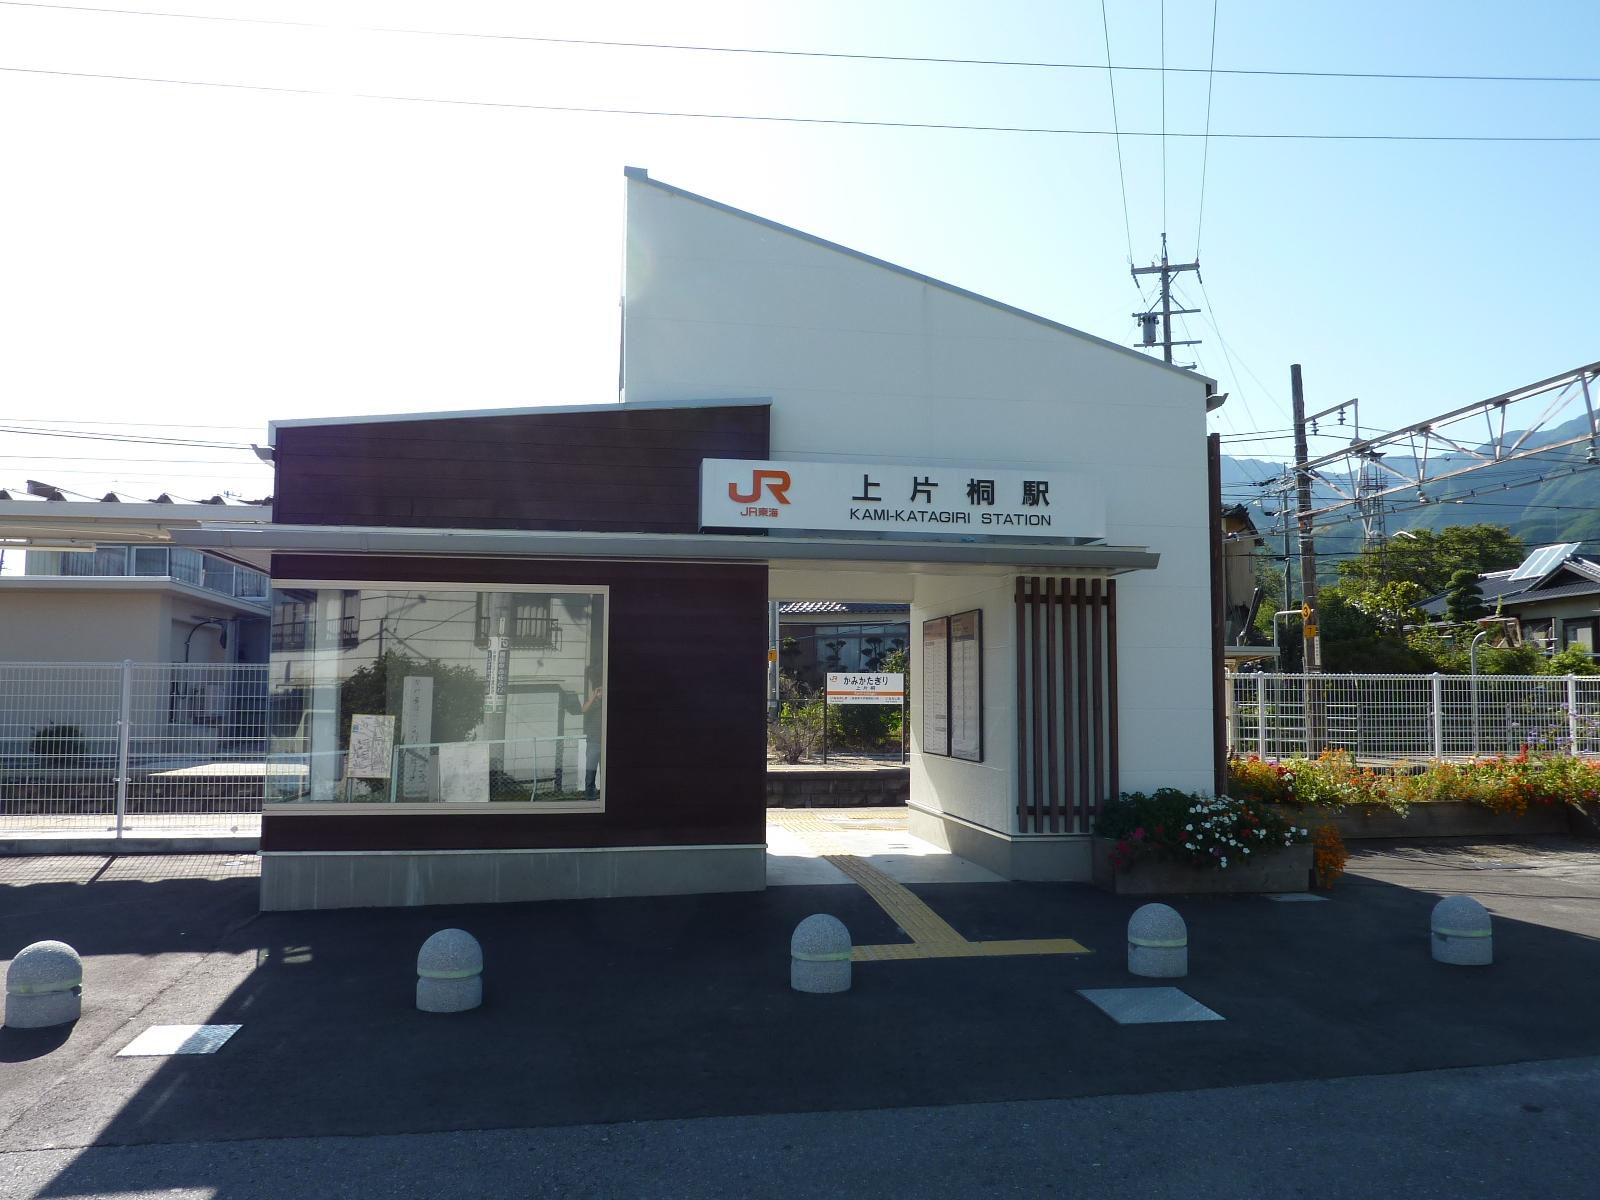 가미카타기리 역